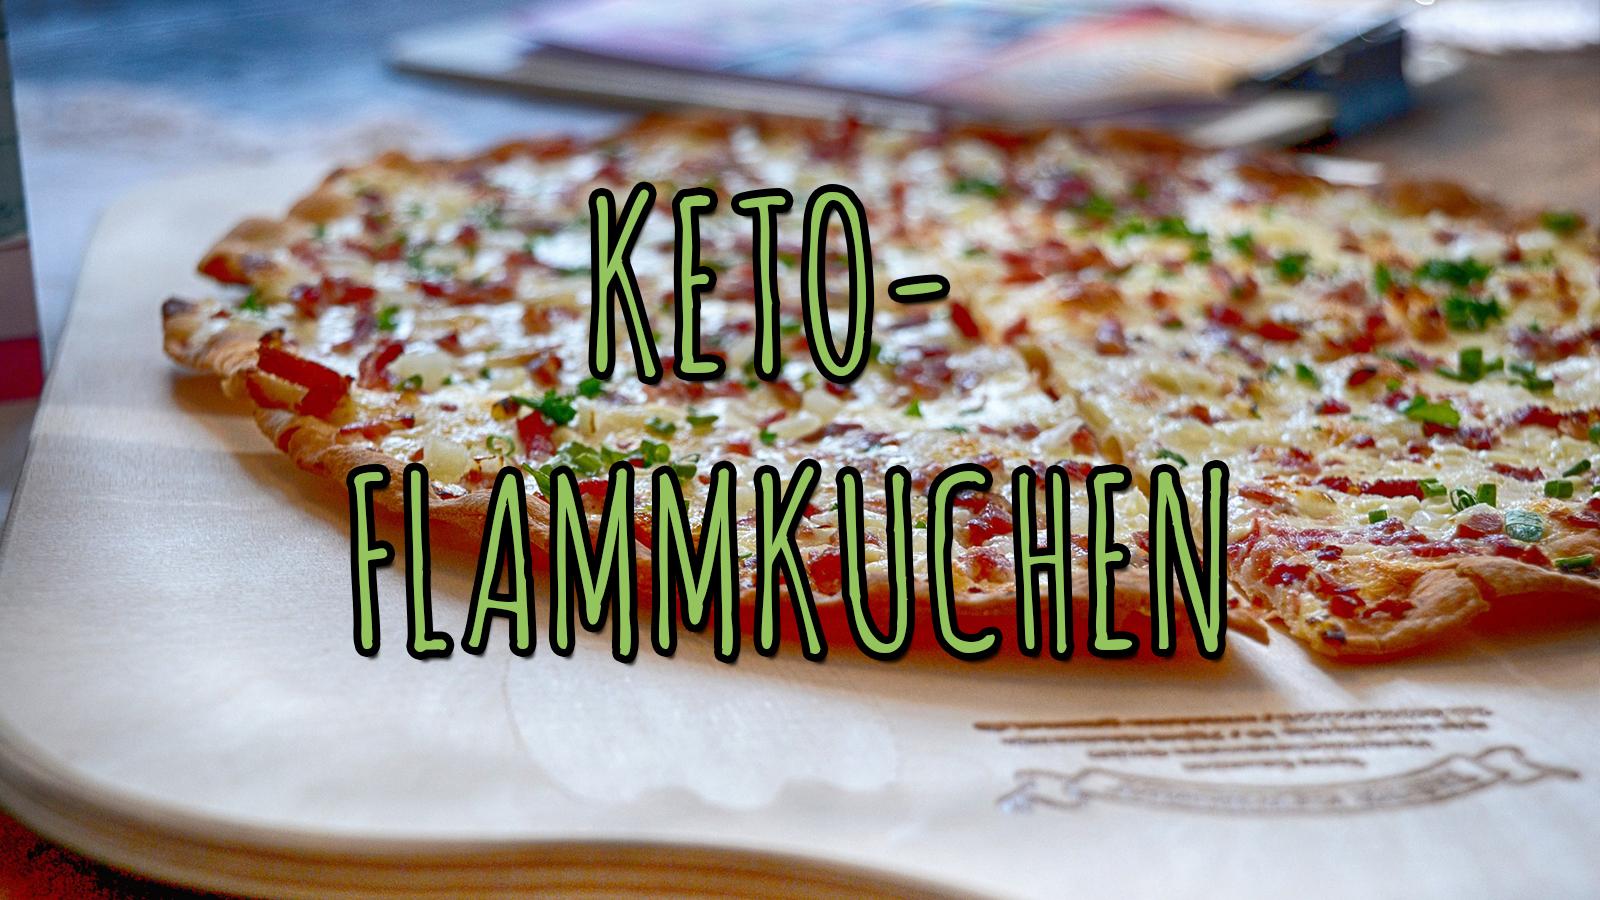 Keto-Flammkuchen mit Speck